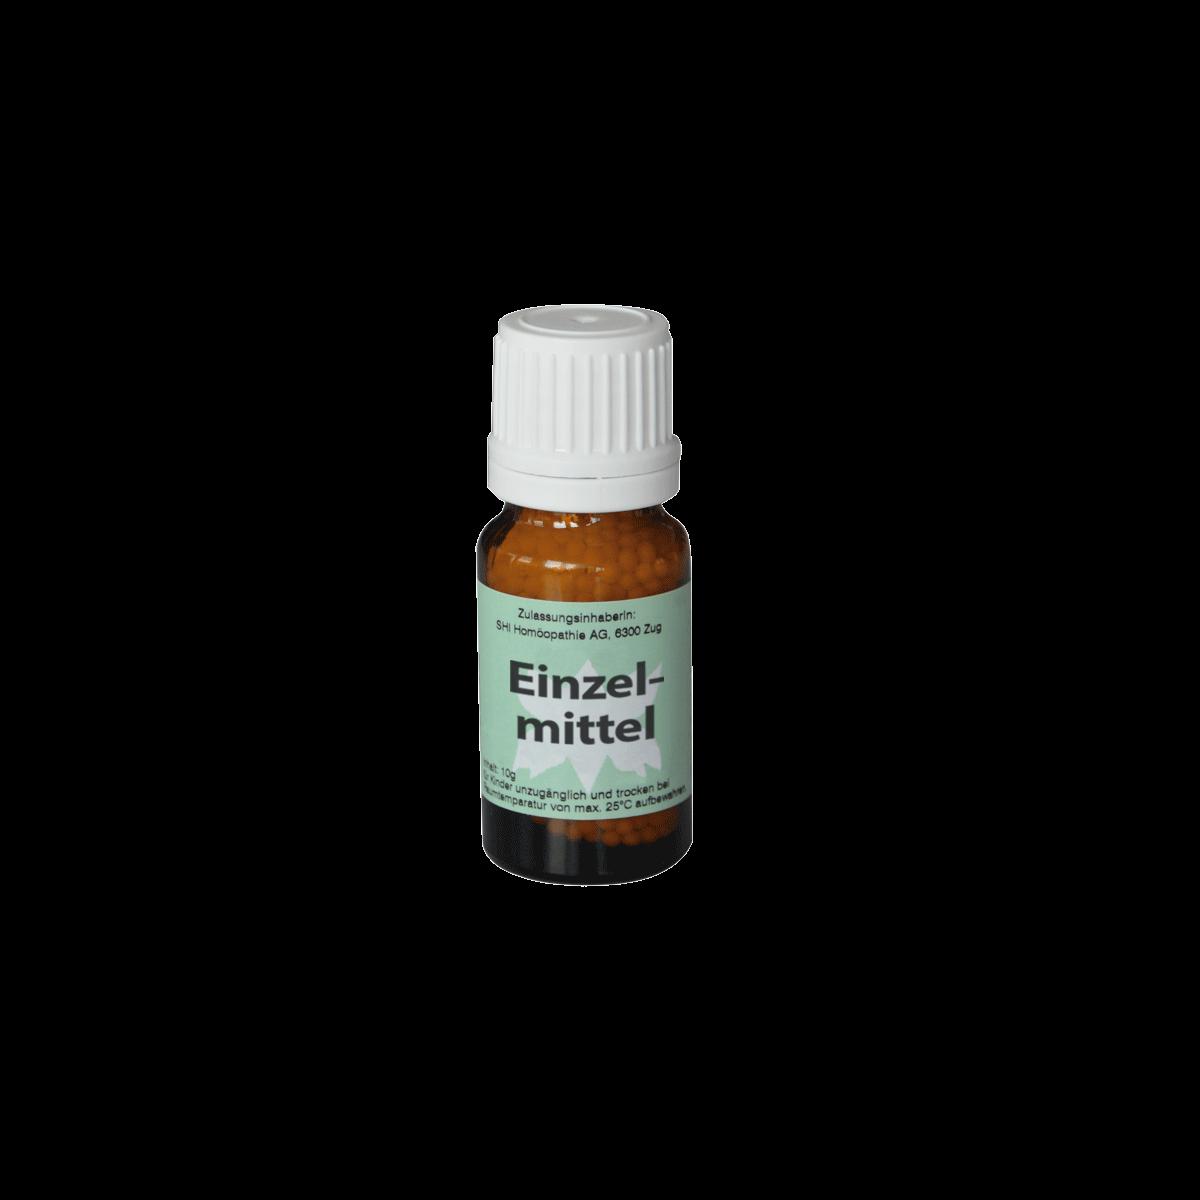 Calcium silicata